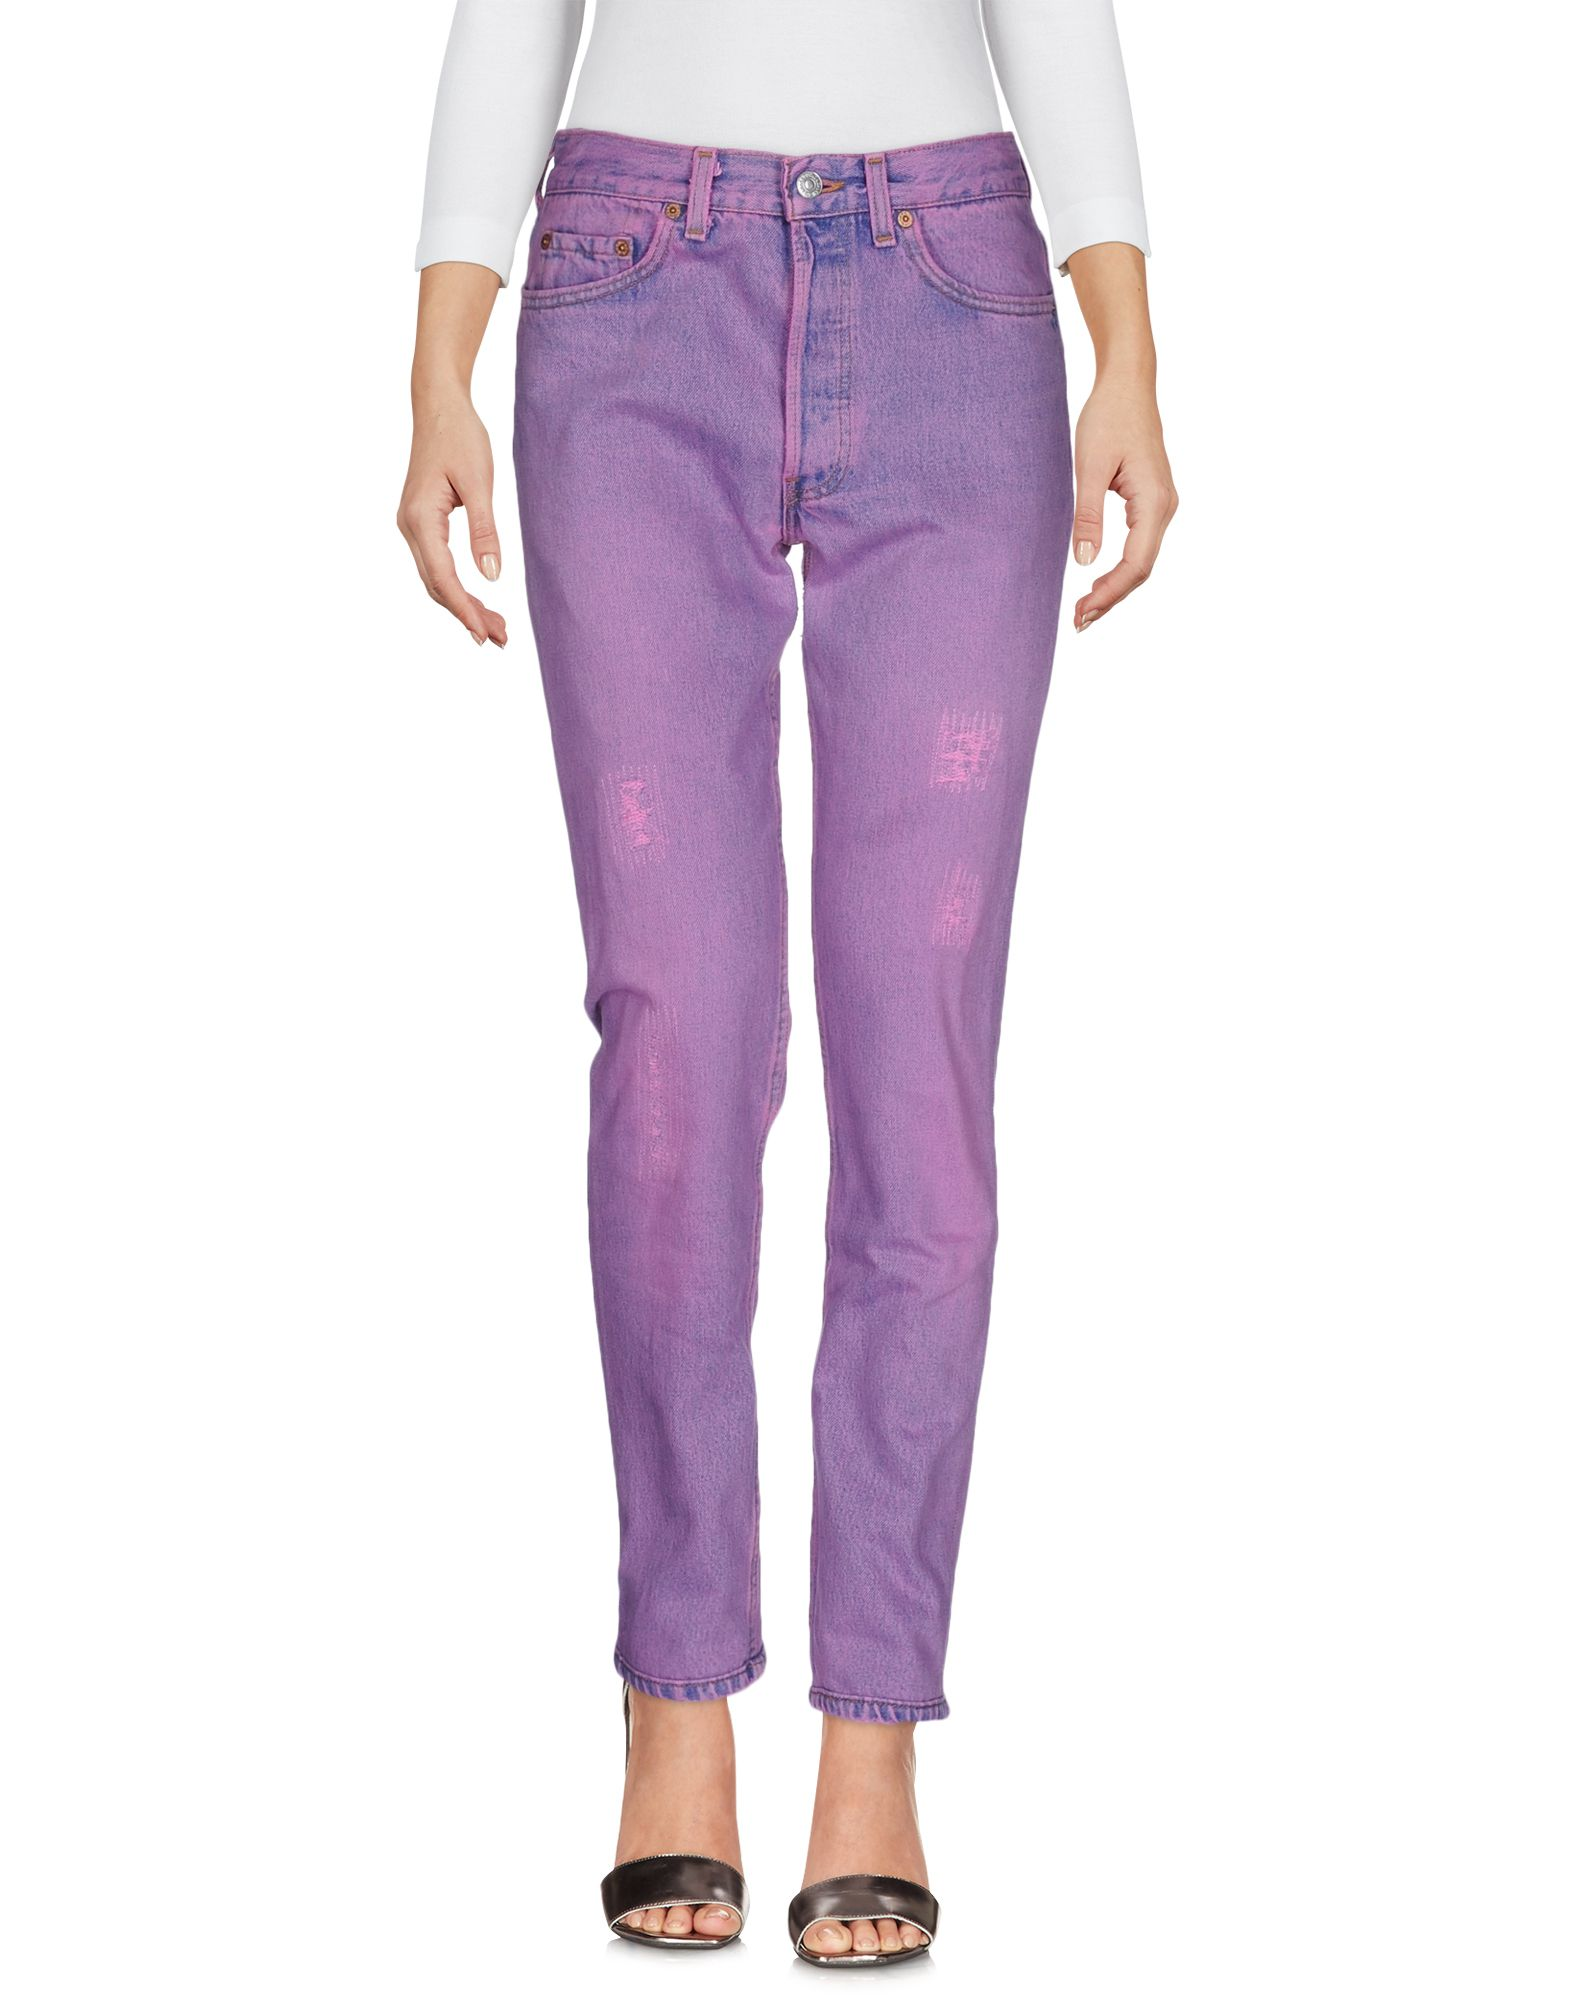 купить ROSSANO PERINI Джинсовые брюки дешево